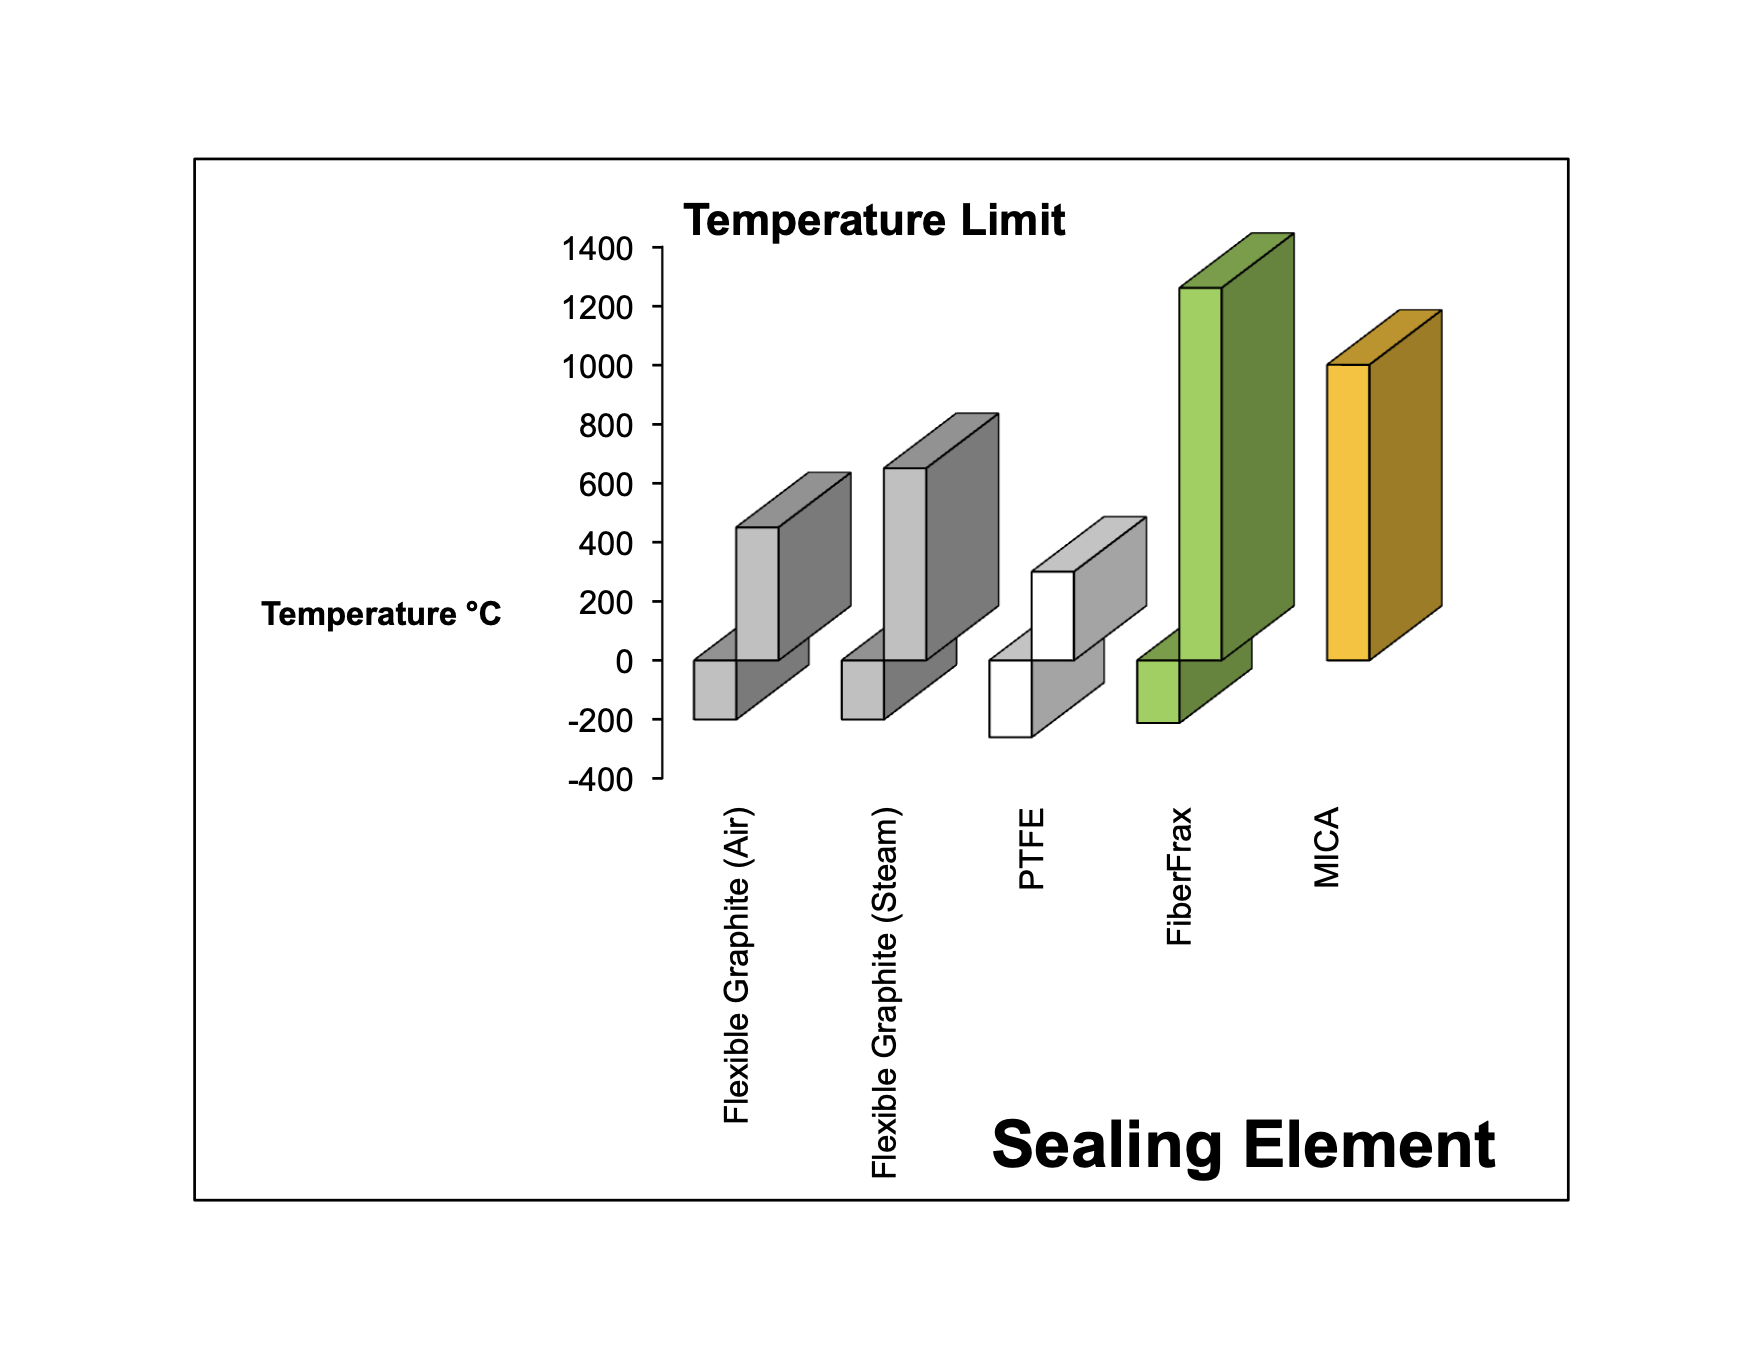 Sealing Temp Limit (C)